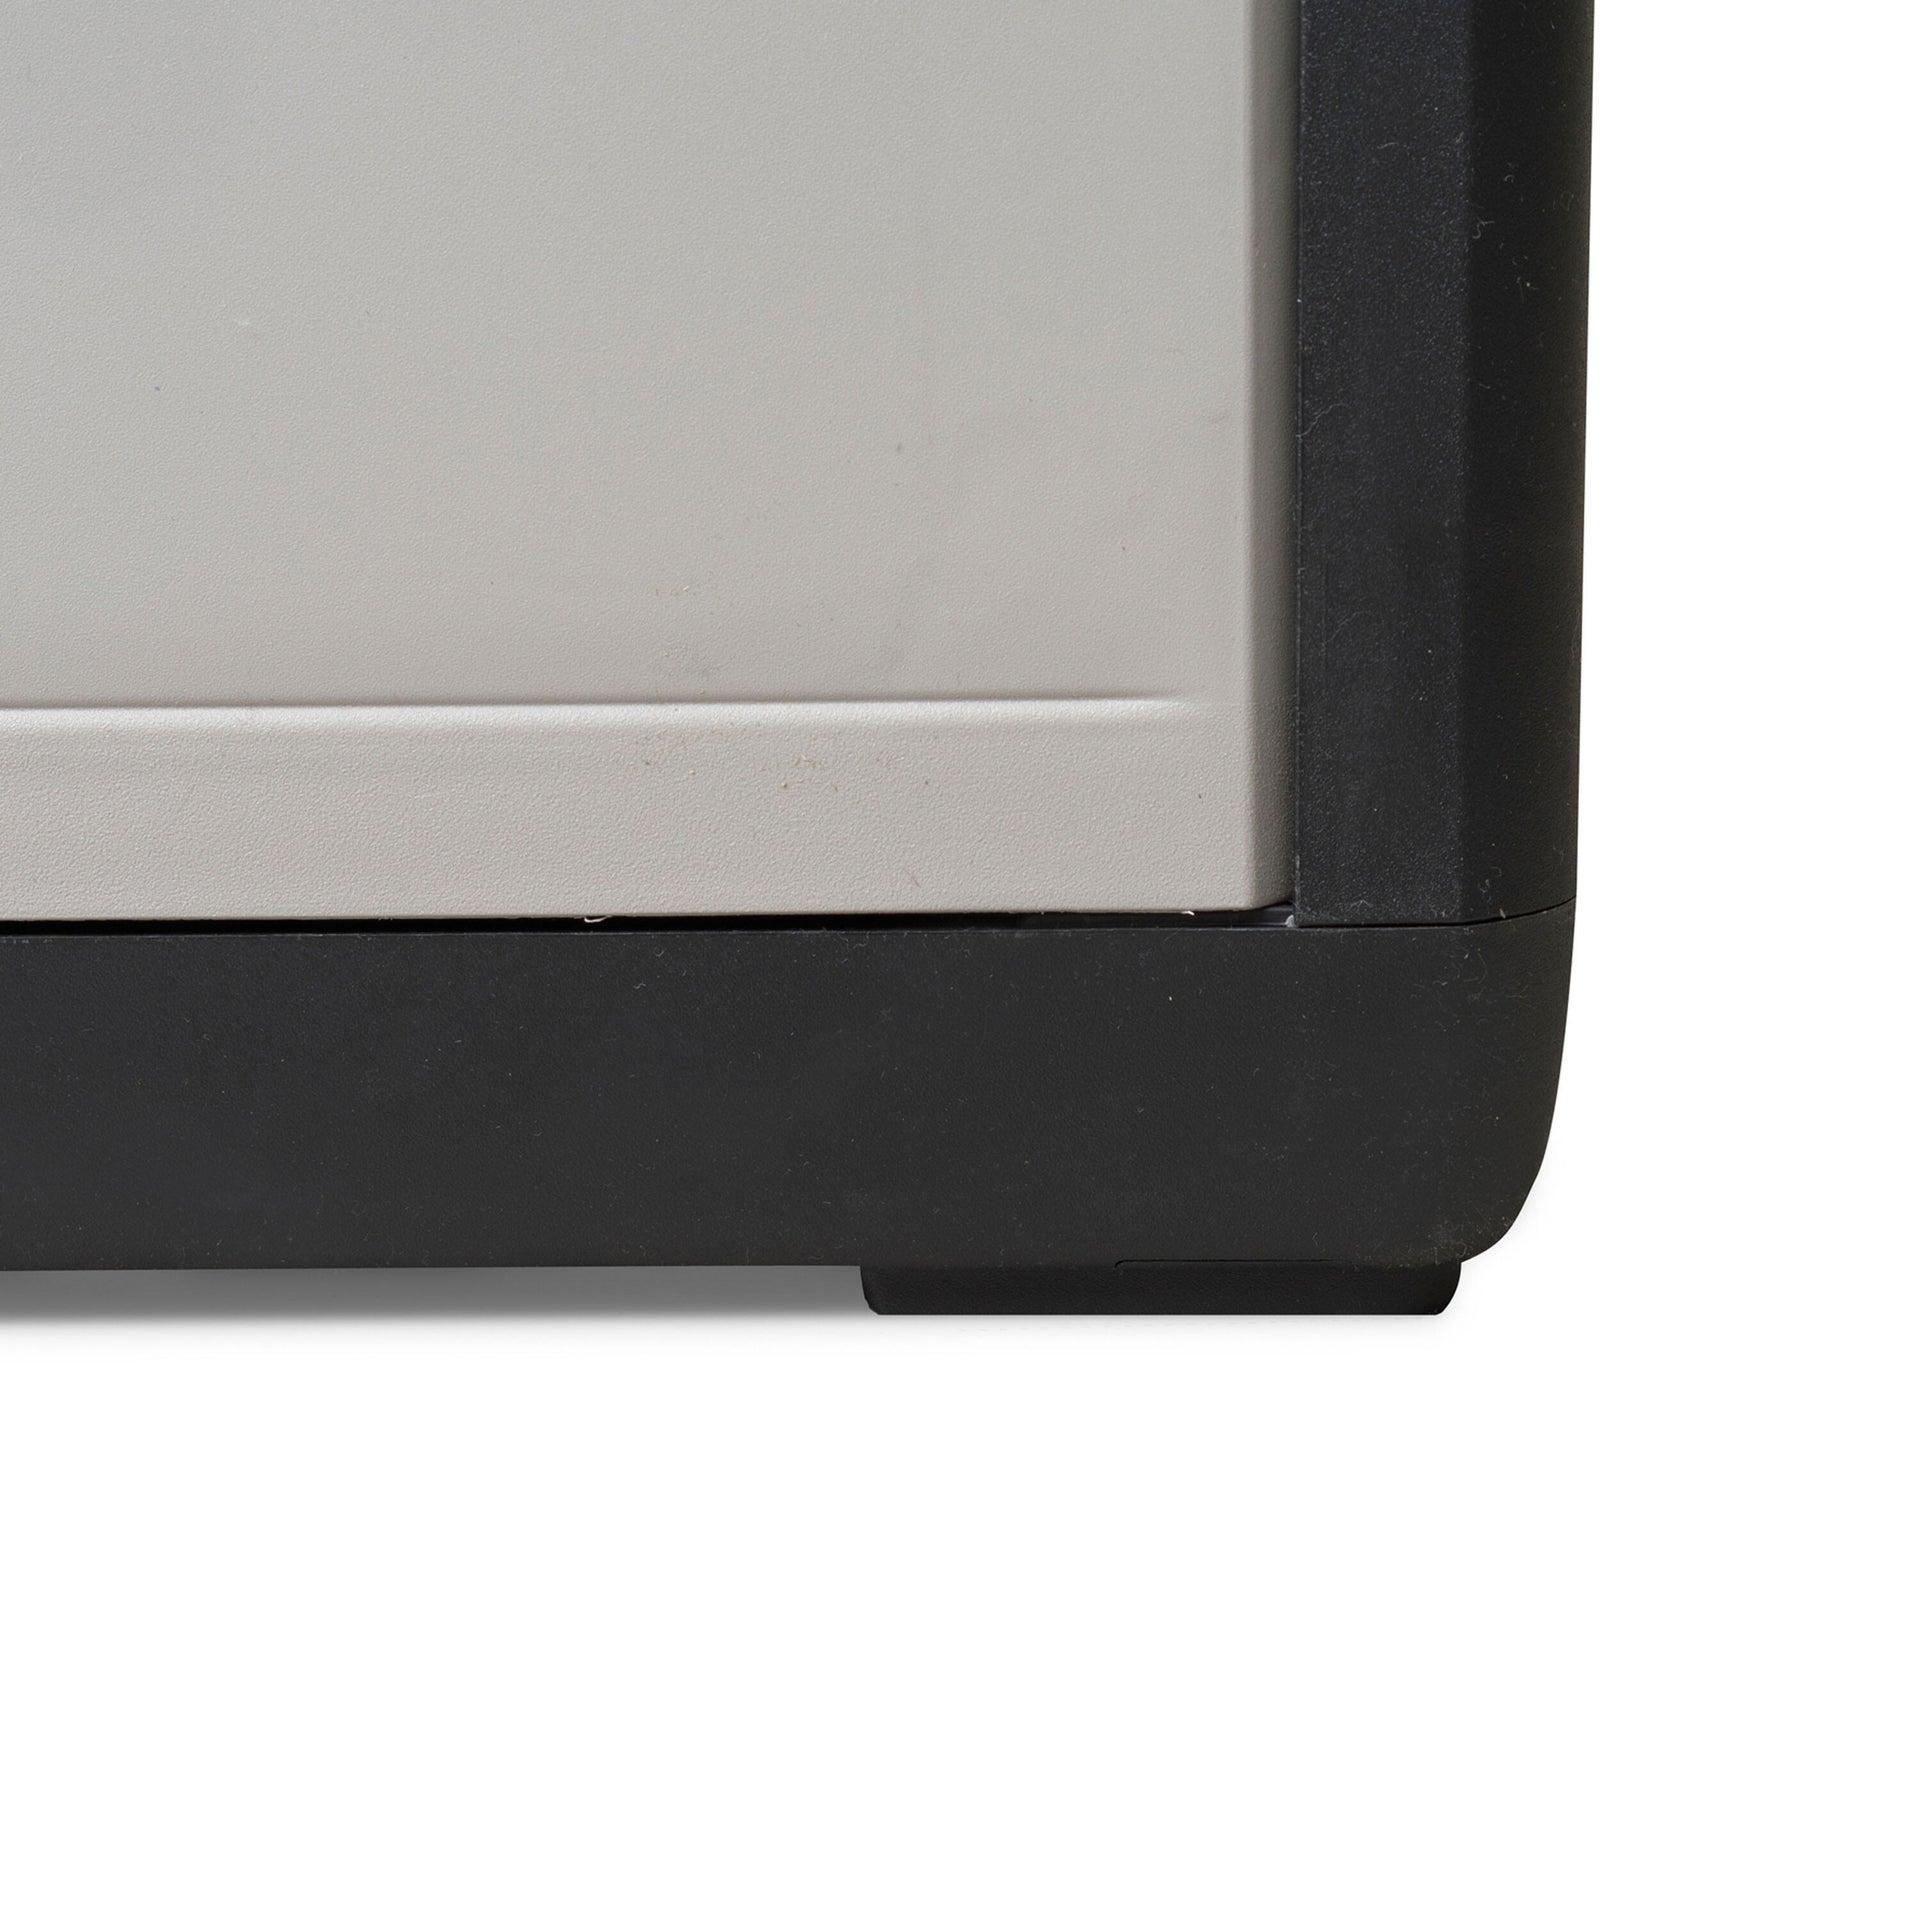 Armadio Elegance L 65 x P 38 x H 171 cm grigio e nero - 4